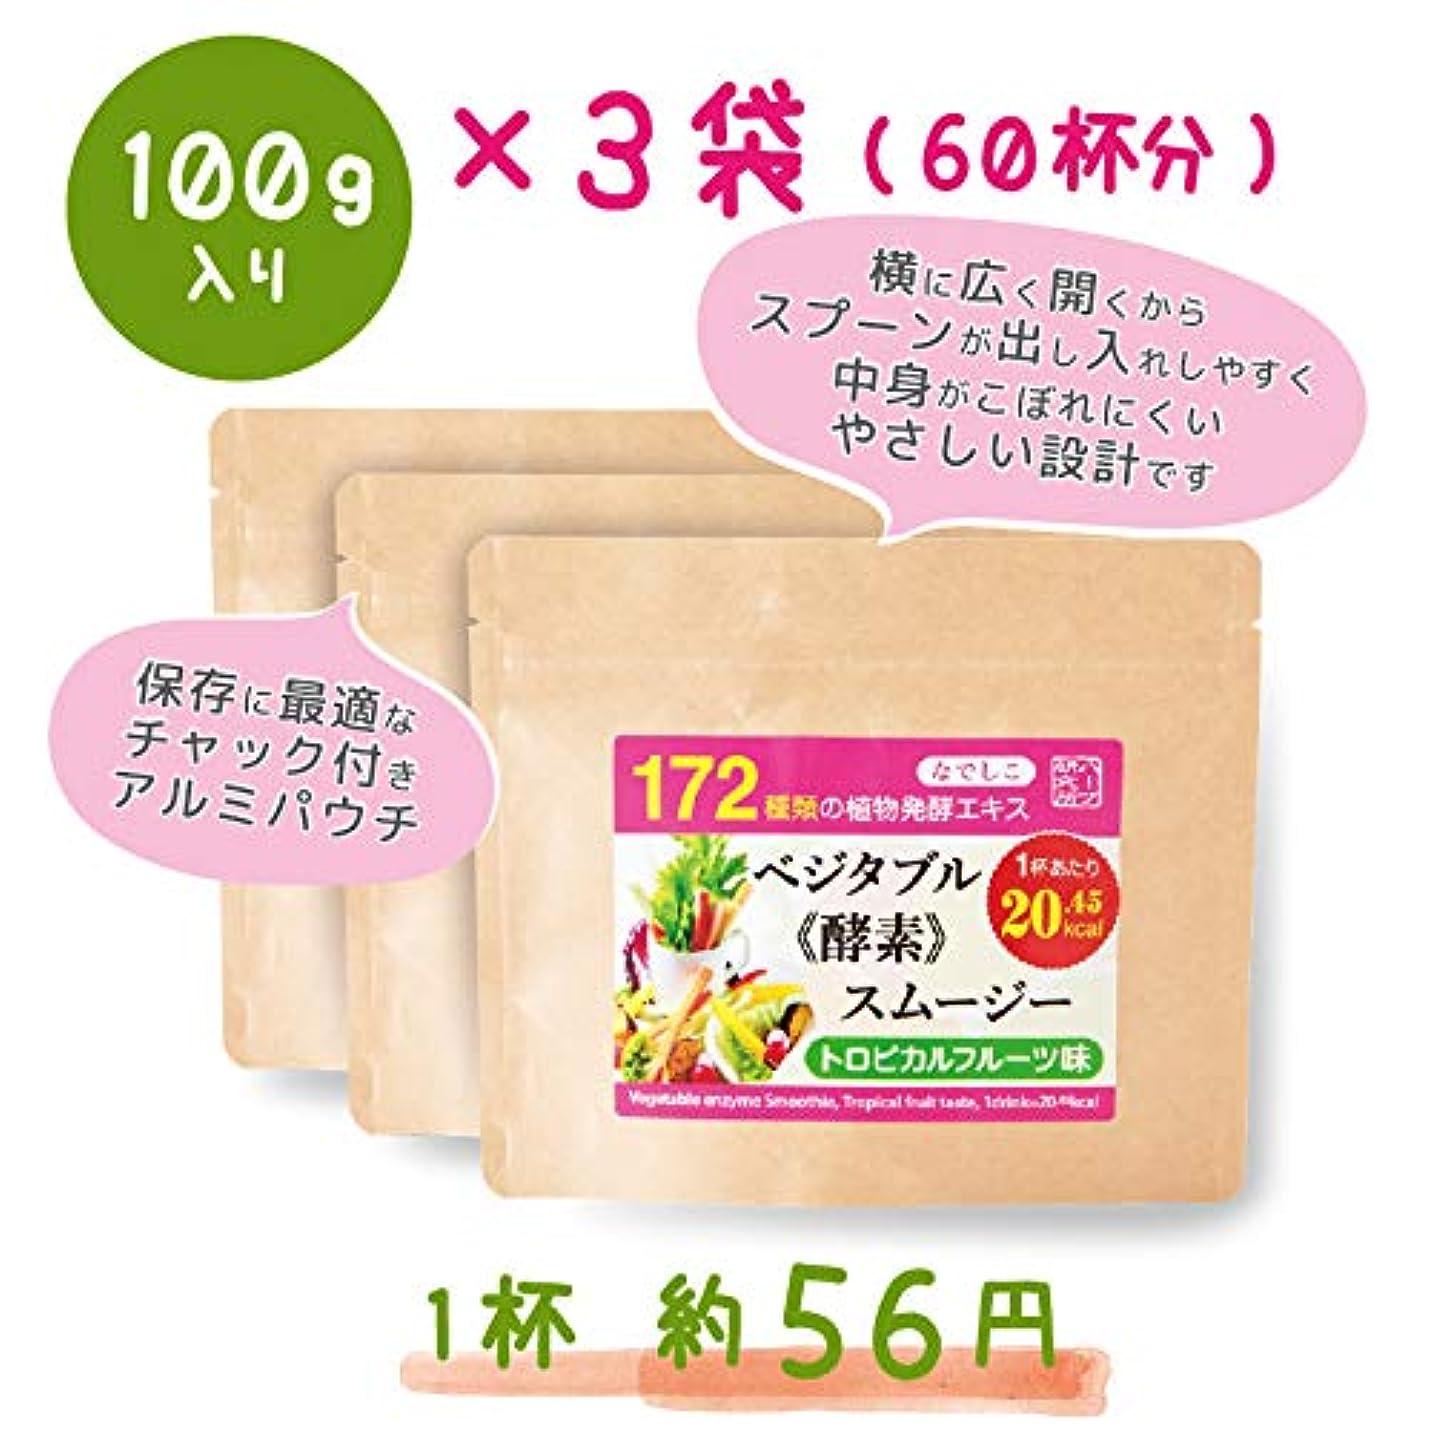 ブランド状況してはいけないなでしこ ベジタブル酵素入り グリーンスムージー(トロピカルフルーツ味)300g (100g×3パック)で20%OFF